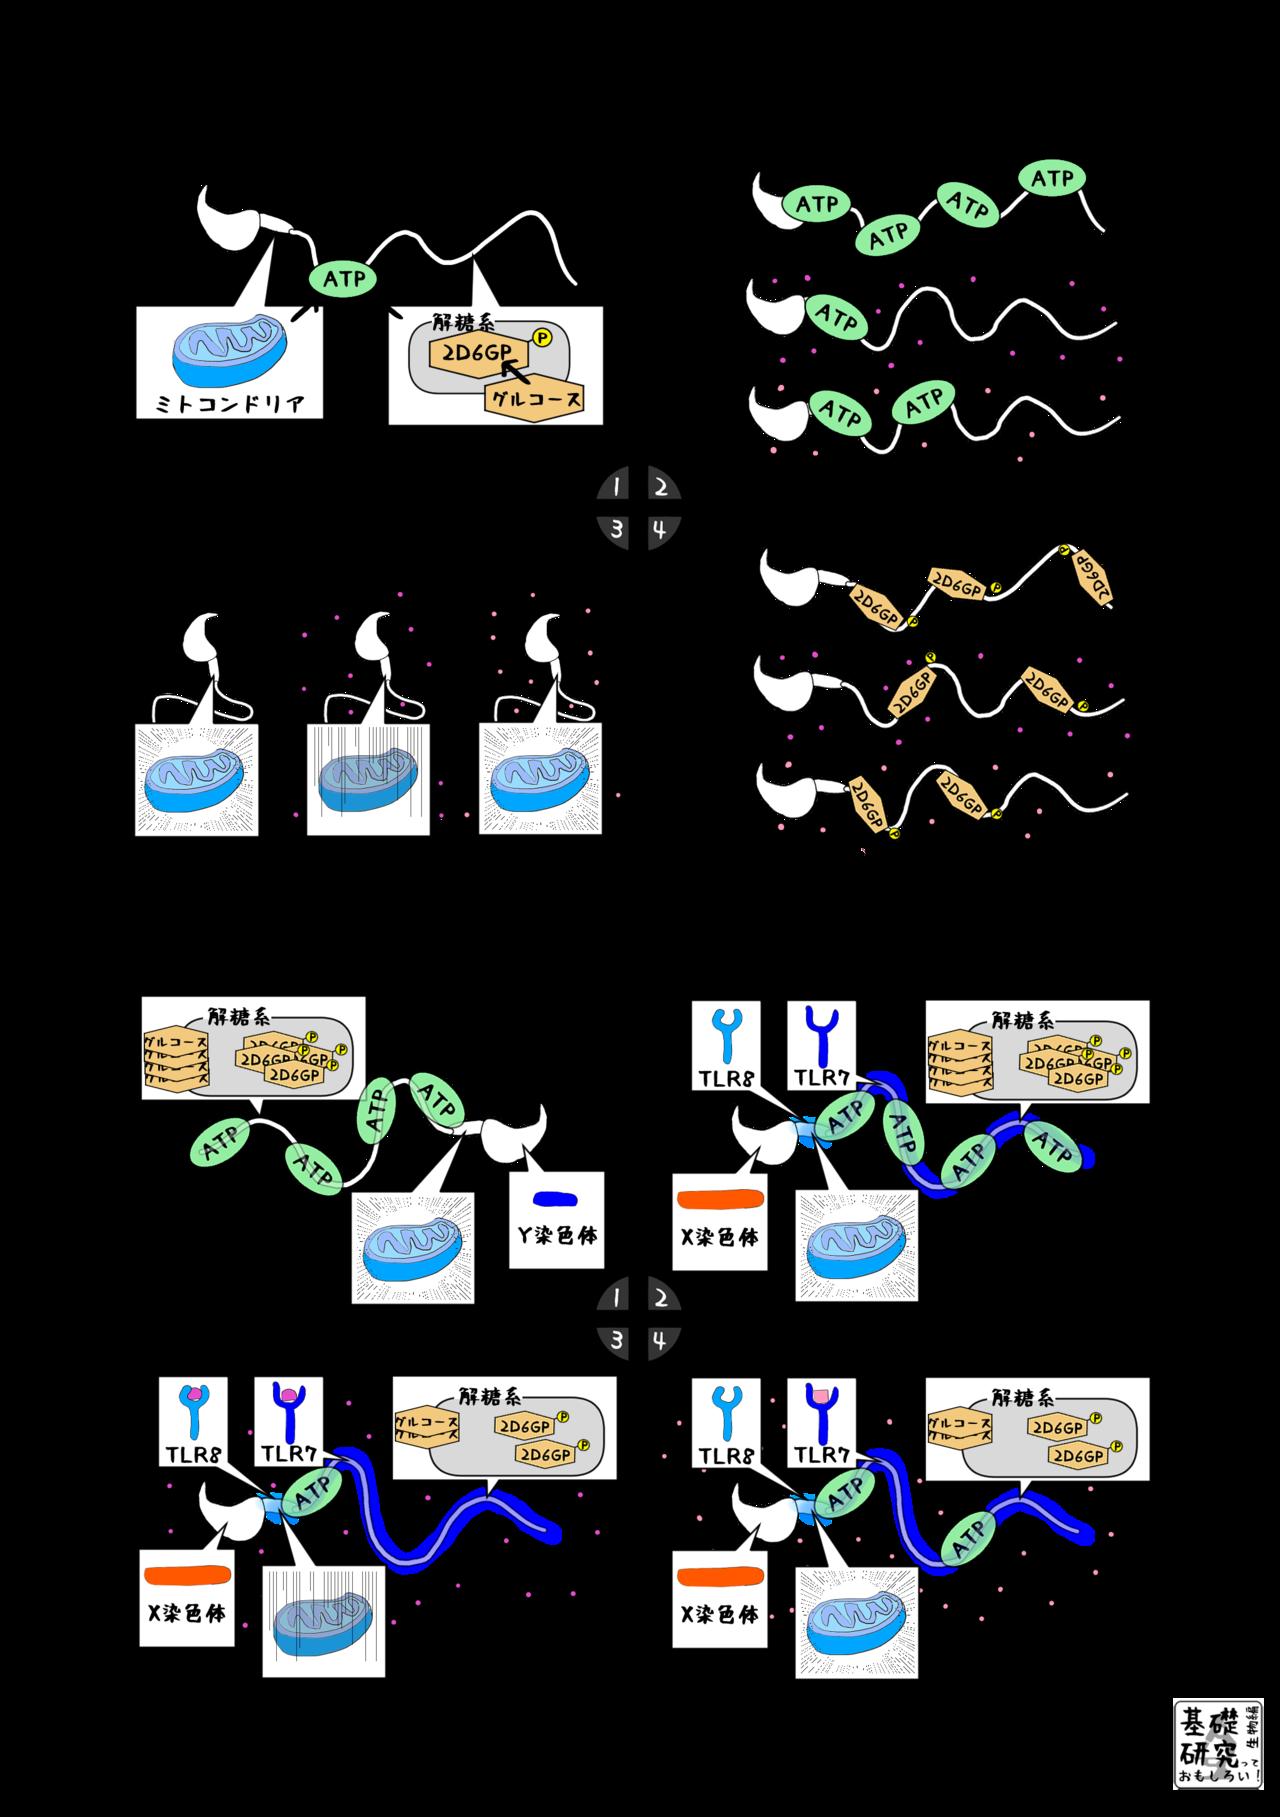 マウスの精子の運動性 ~違いを生み出すX染色体~ 4|かわいせーざん ...